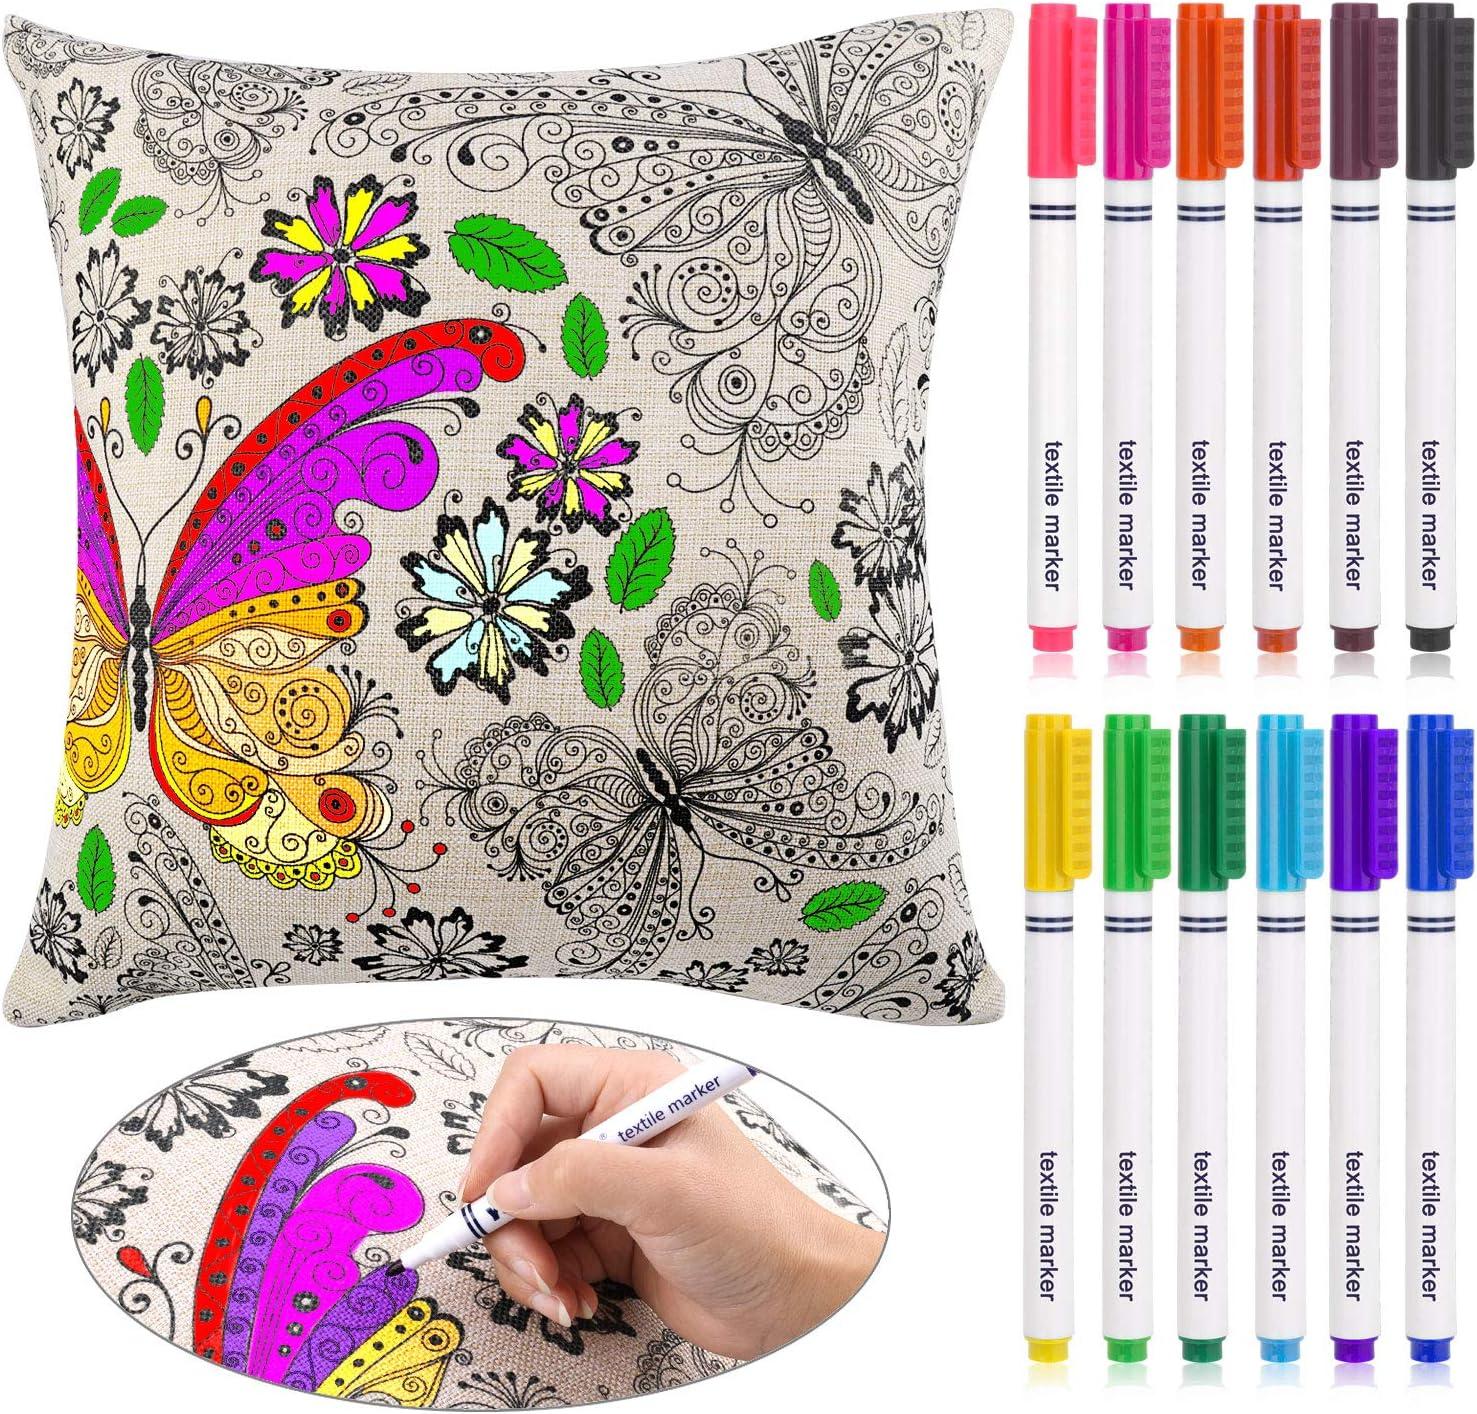 HOWAF Kit de Tejido y Tela Pintura para Niños Dibujo Doodle Graffiti en Casa, 12 Colores Marcadores de Textiles y Tela, Algodón Lino Cojines Almohadas Fundas Modelo Mariposa Flores